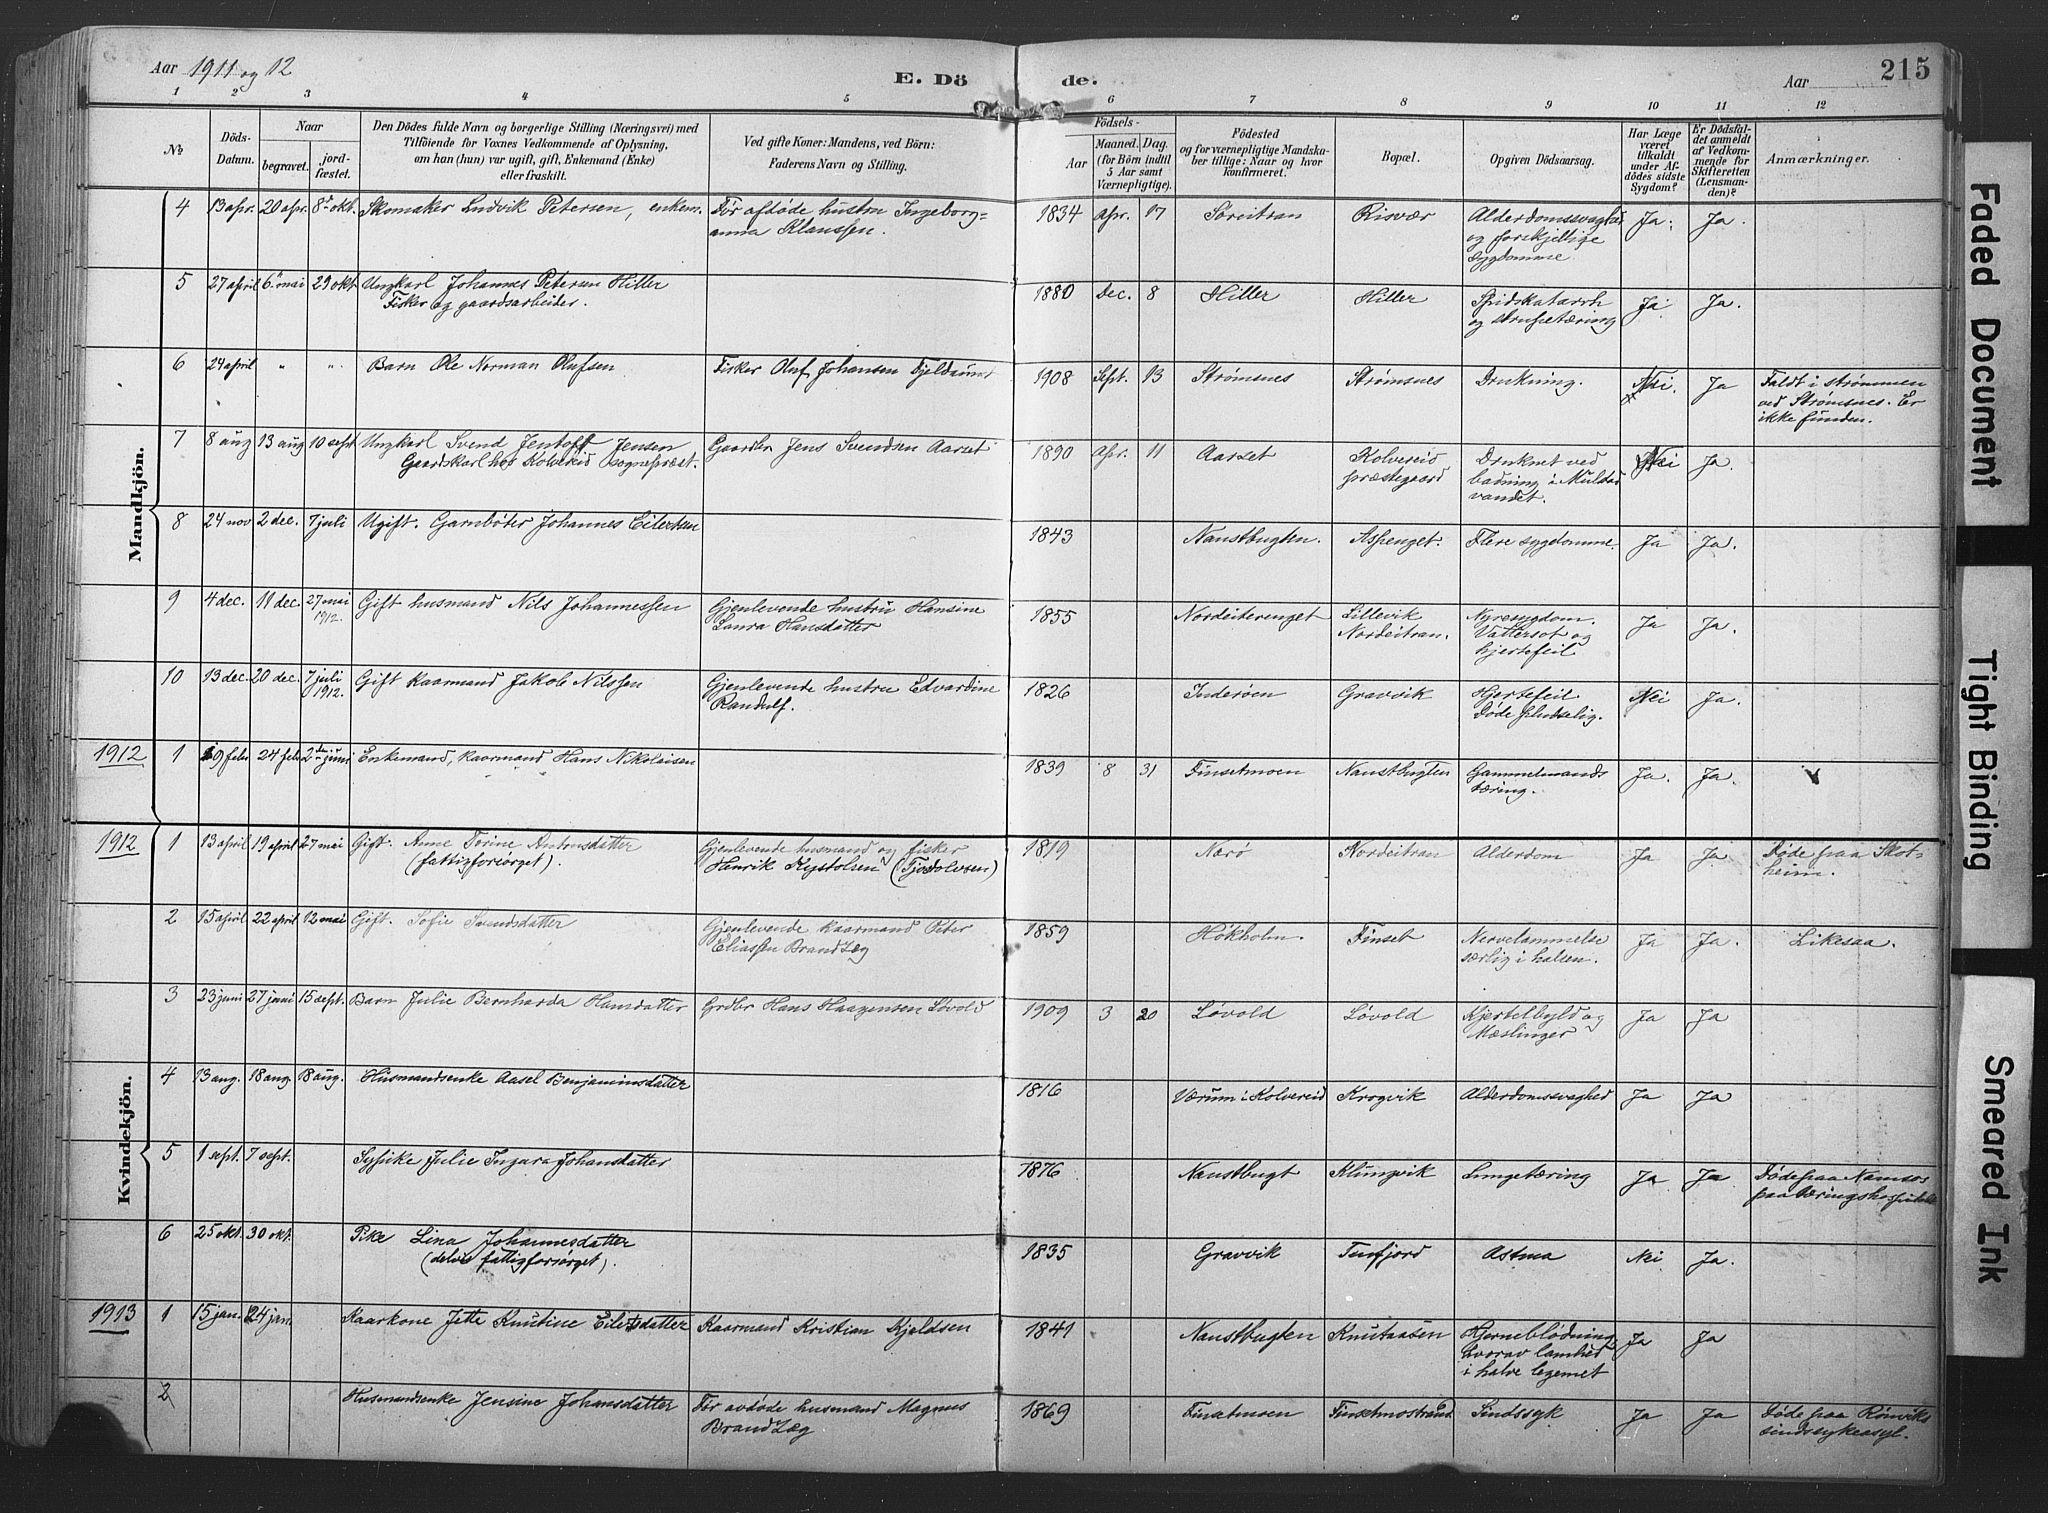 SAT, Ministerialprotokoller, klokkerbøker og fødselsregistre - Nord-Trøndelag, 789/L0706: Klokkerbok nr. 789C01, 1888-1931, s. 215